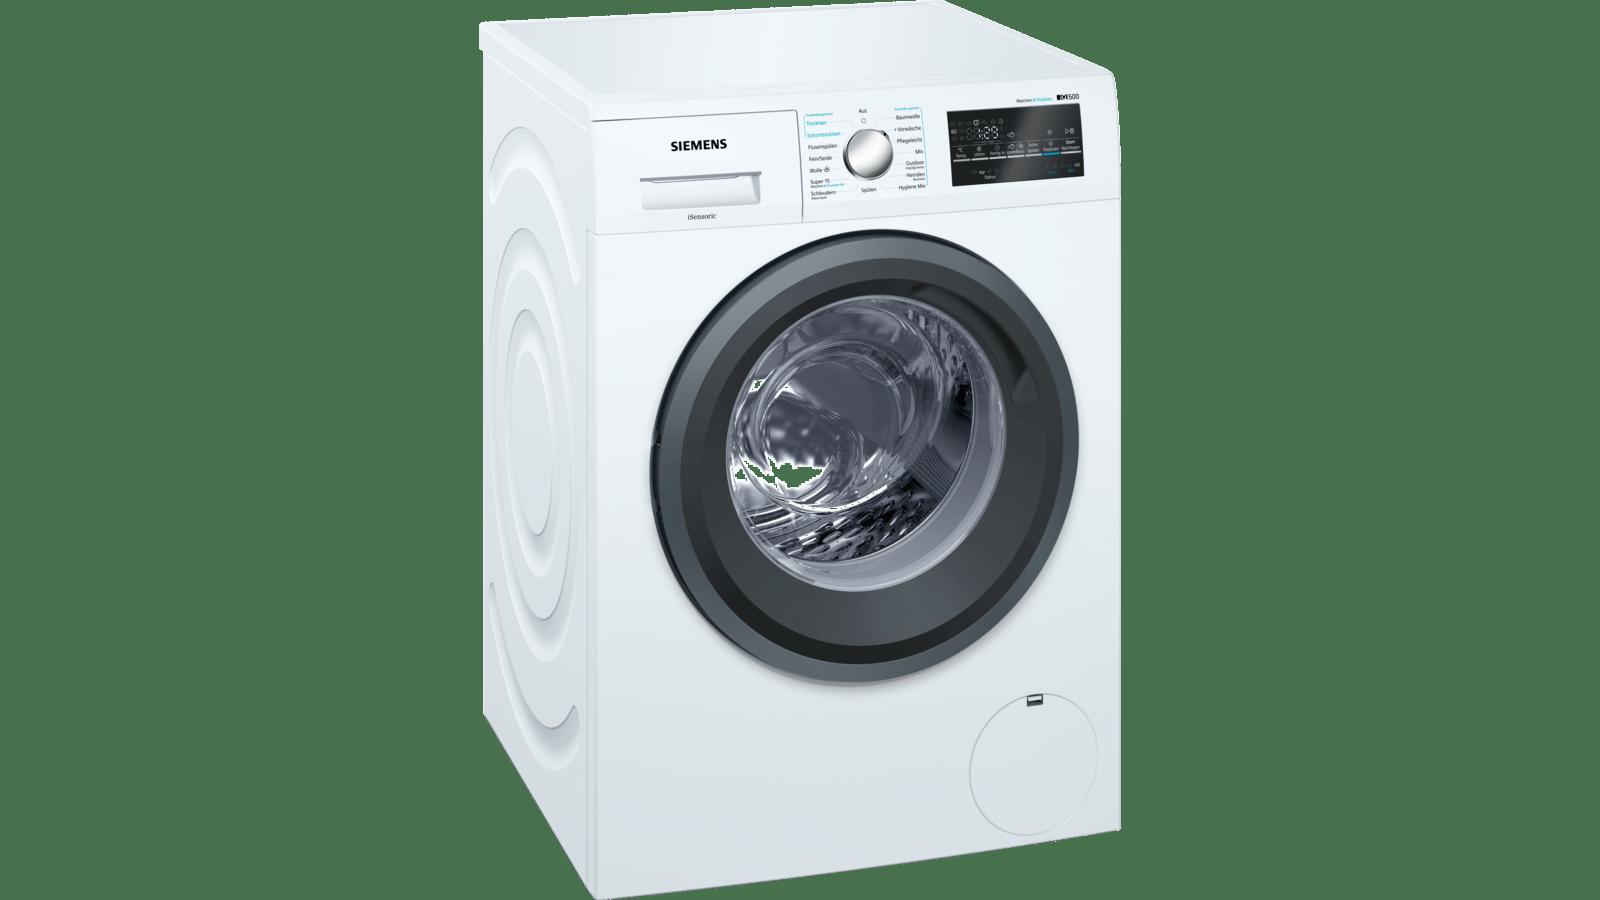 Siemens Wd15g443 Waschtrockner